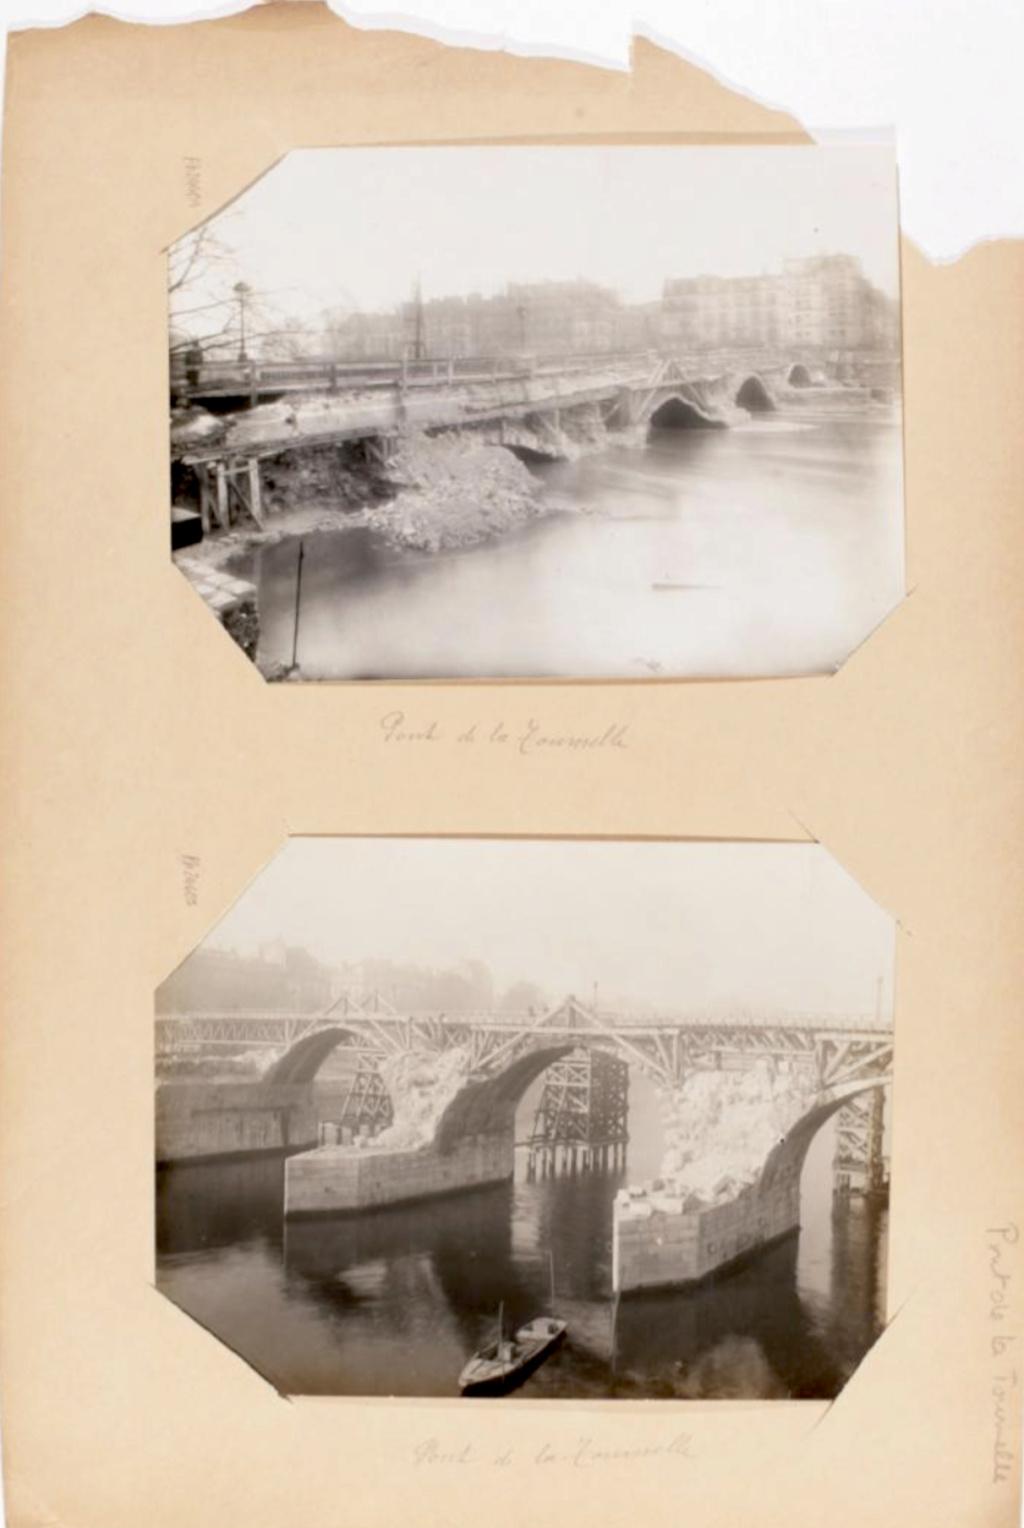 Paris au XVIIIe siècle - Page 6 Capt2750